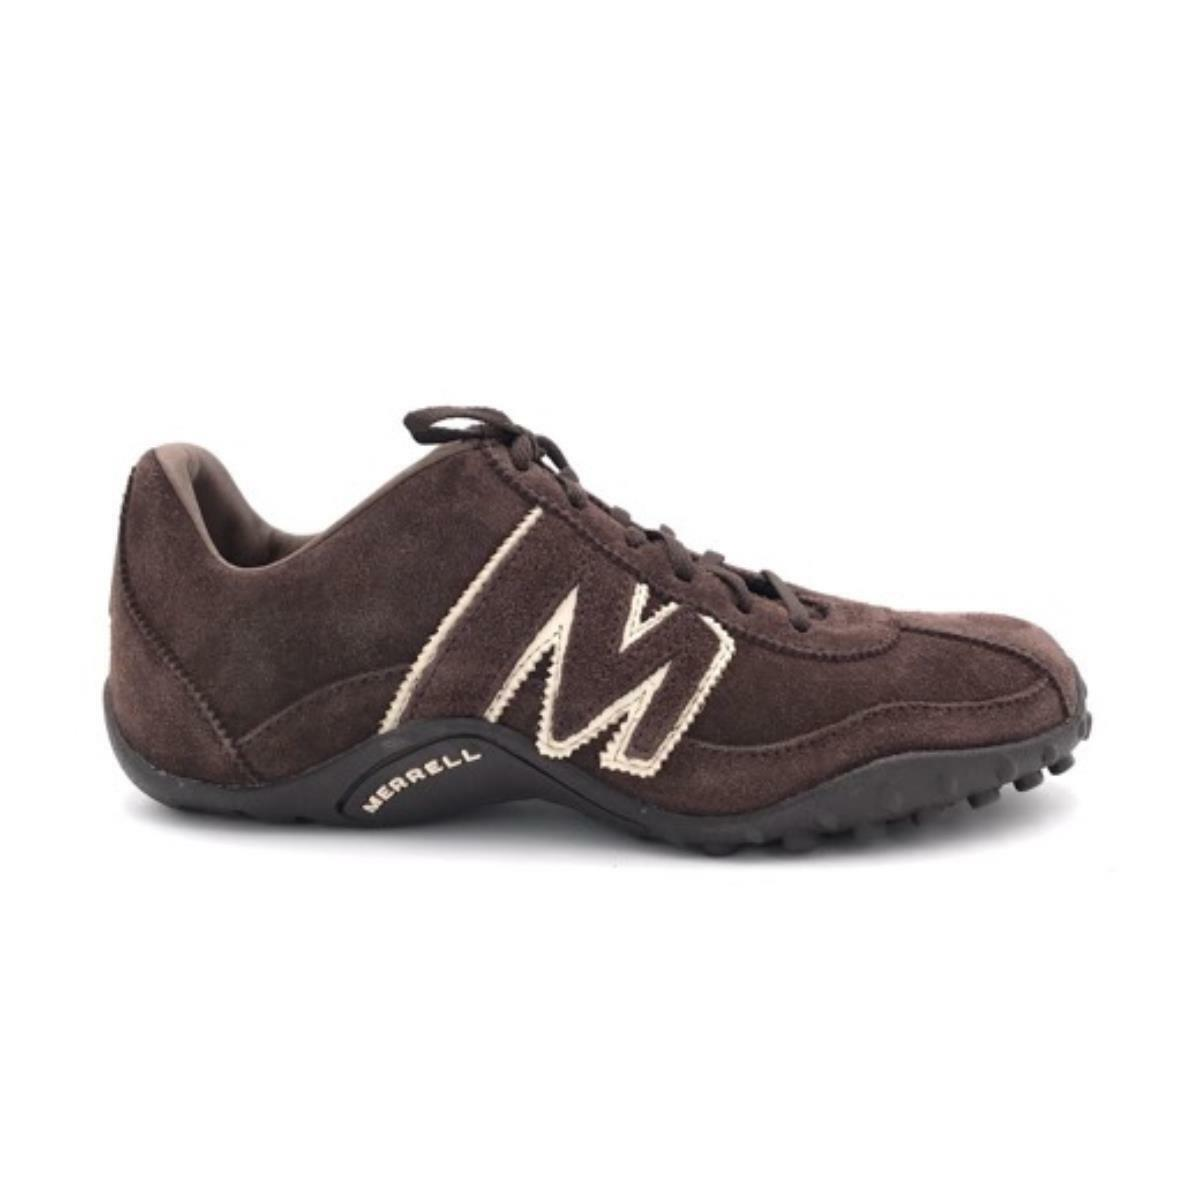 shoes Merrell J598659 SPRINT BLAST chocolate Man Sport Trekking Winter mode